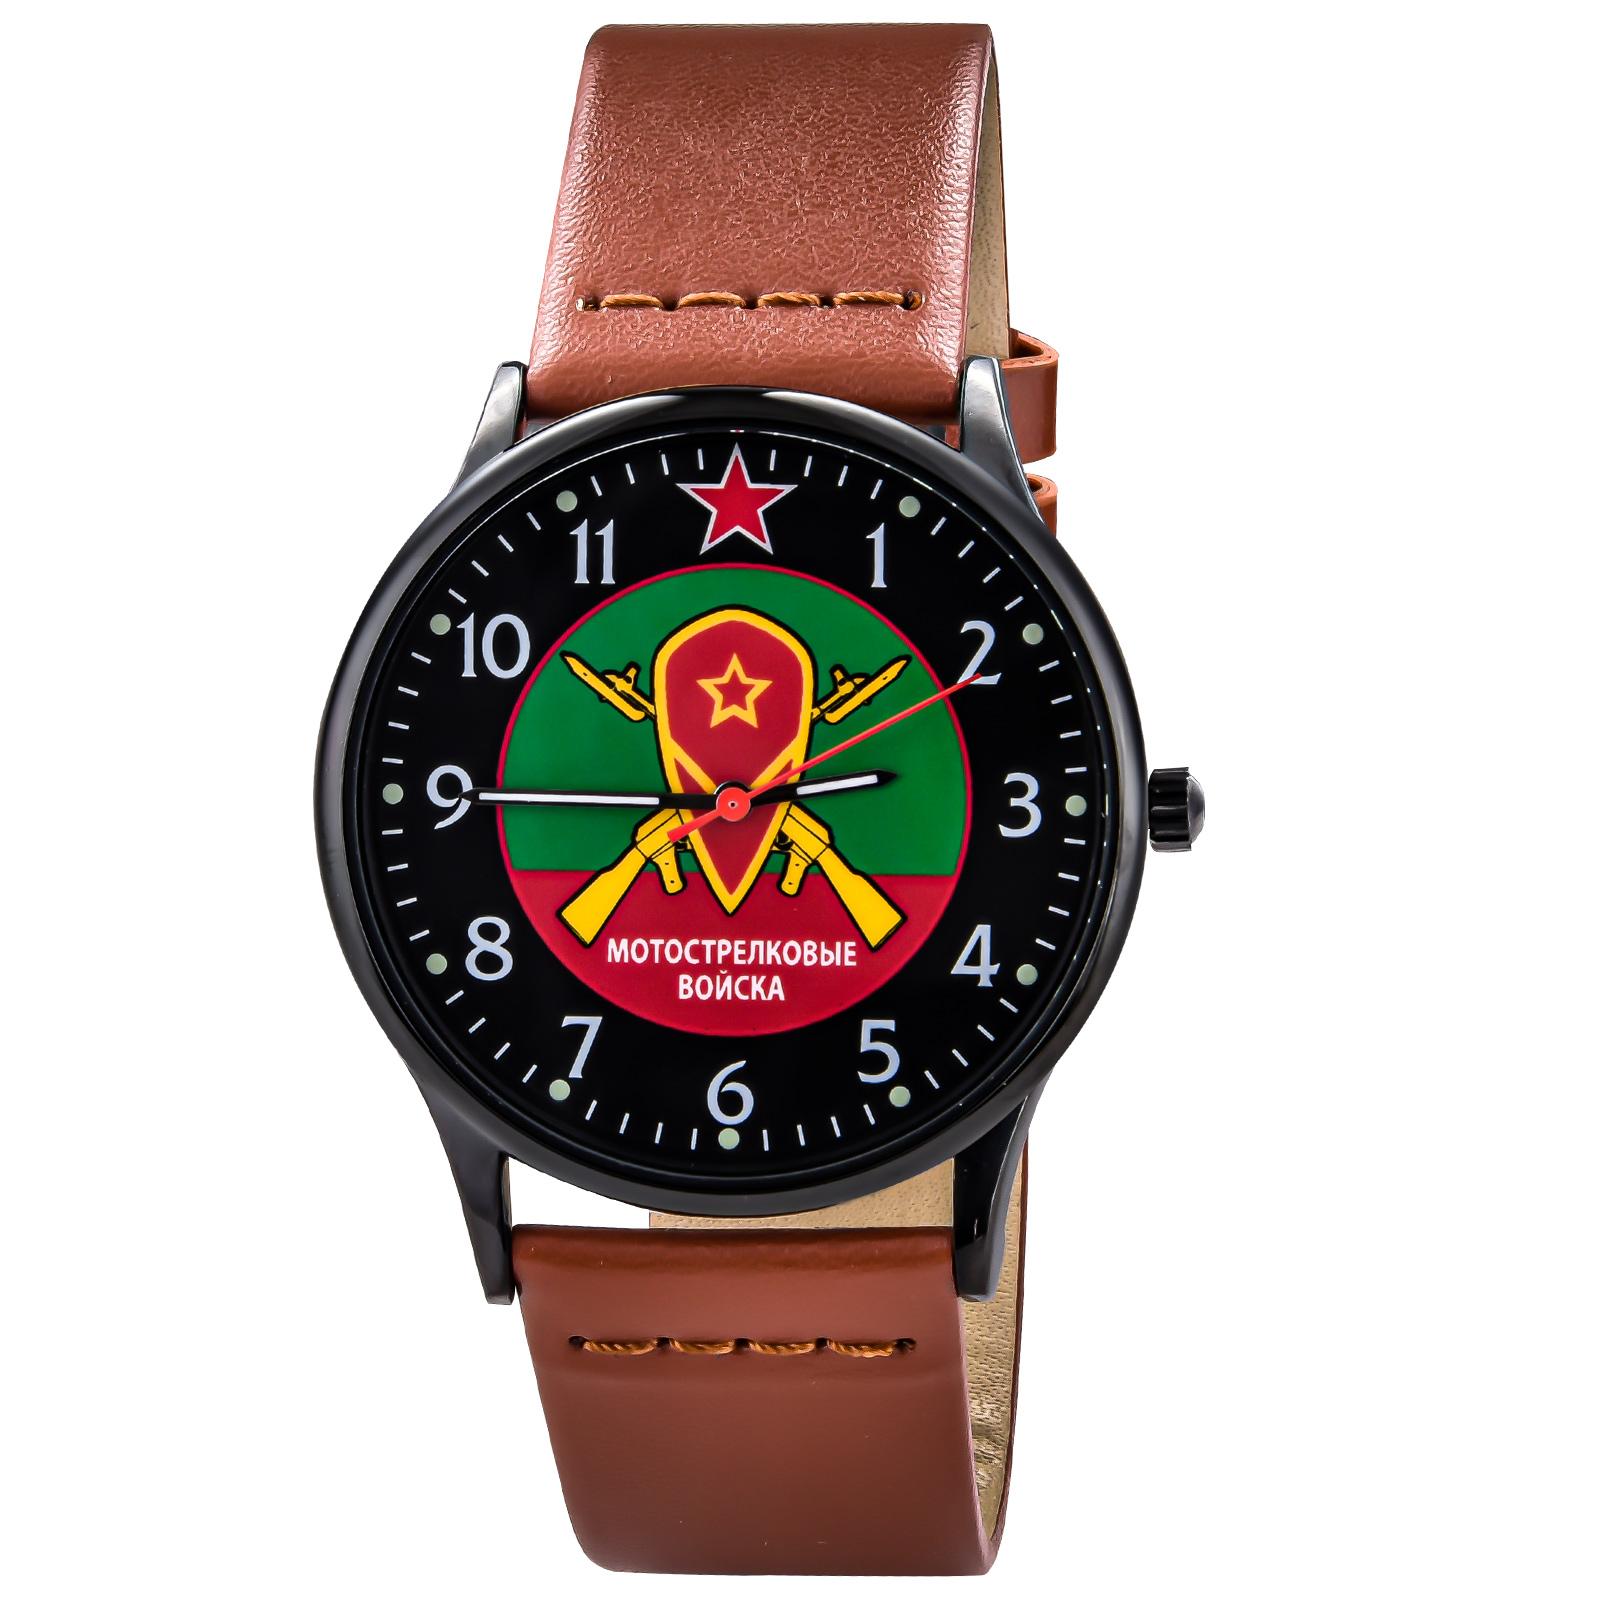 Командирские часы Мотострелковые войска